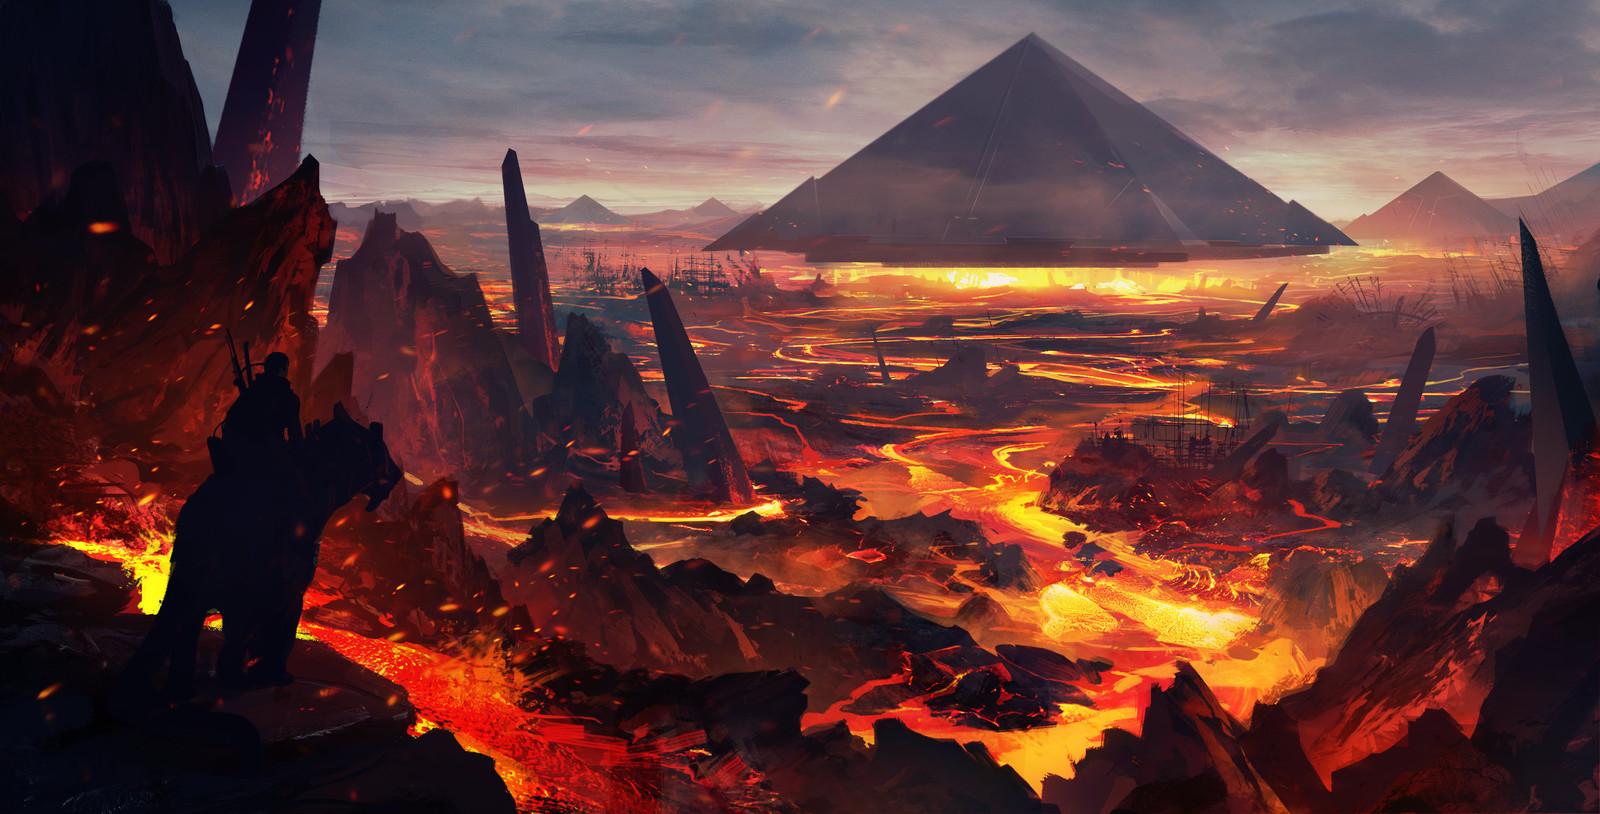 Volcano pyramid